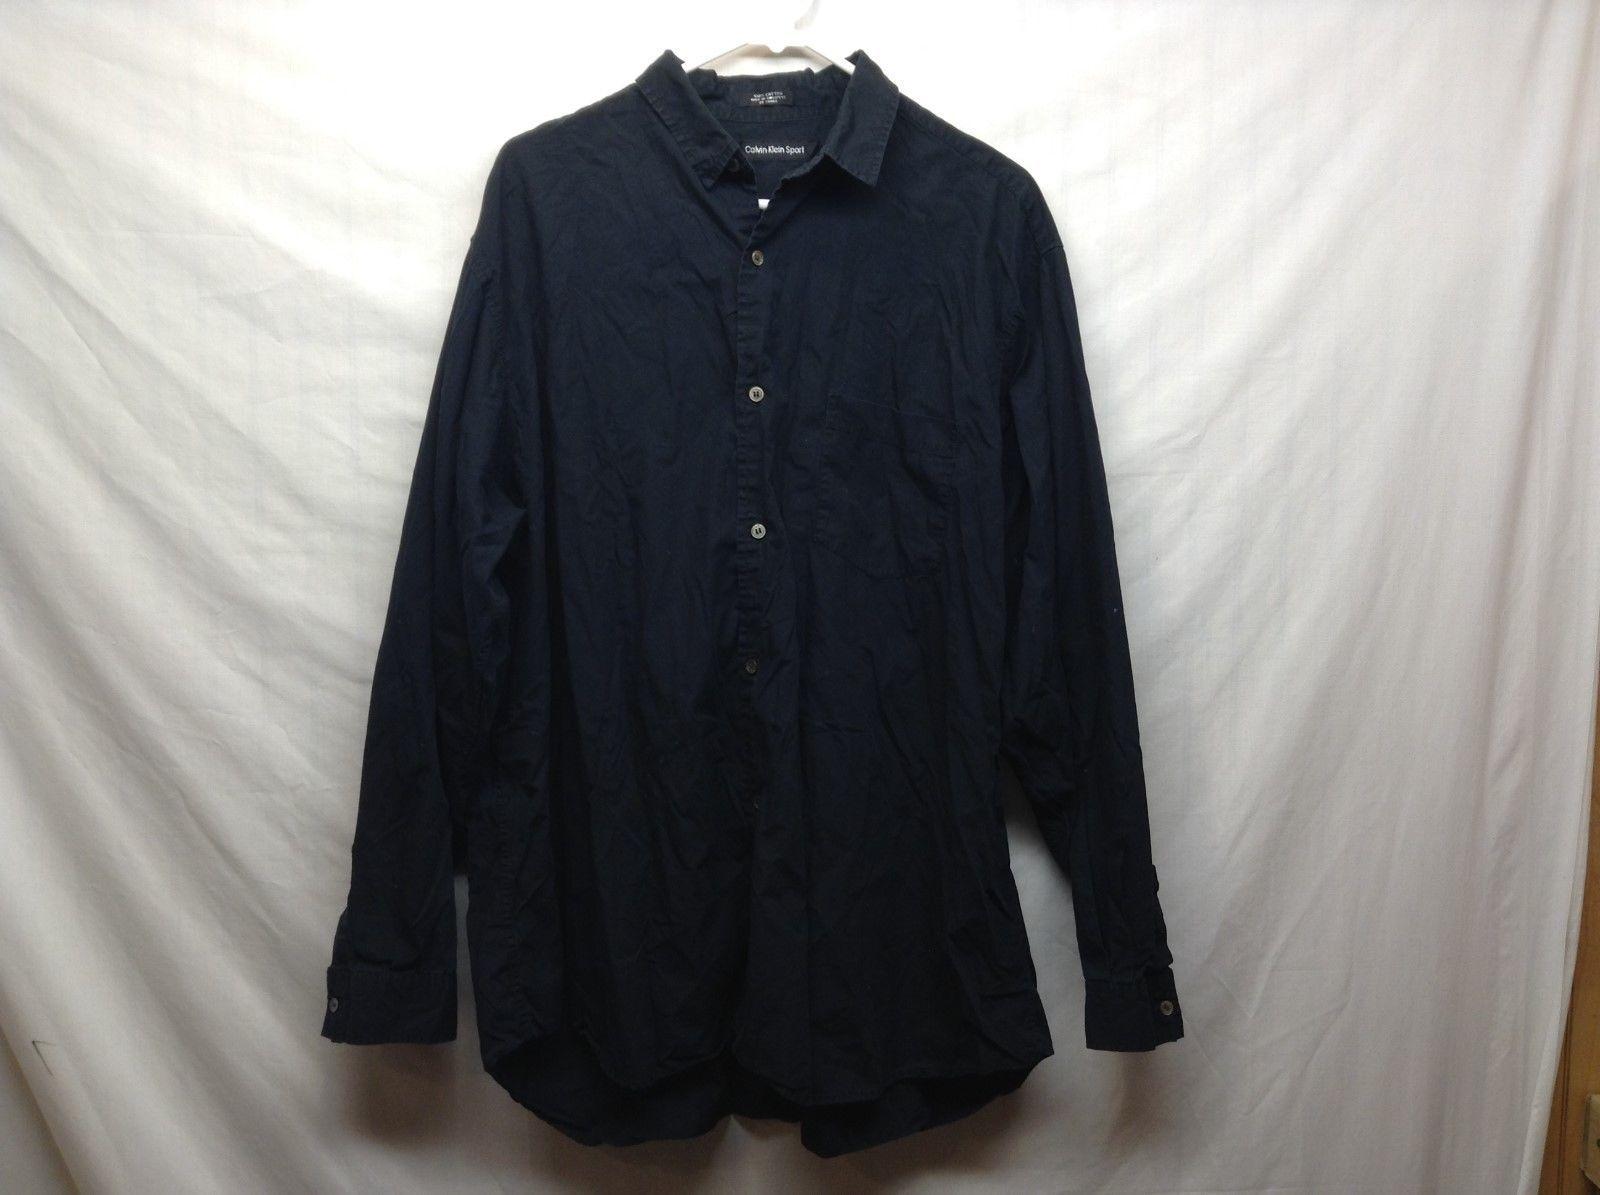 Men's Calvin Klein Sport Long Sleeve Black Collared Dress Shirt Sz XL